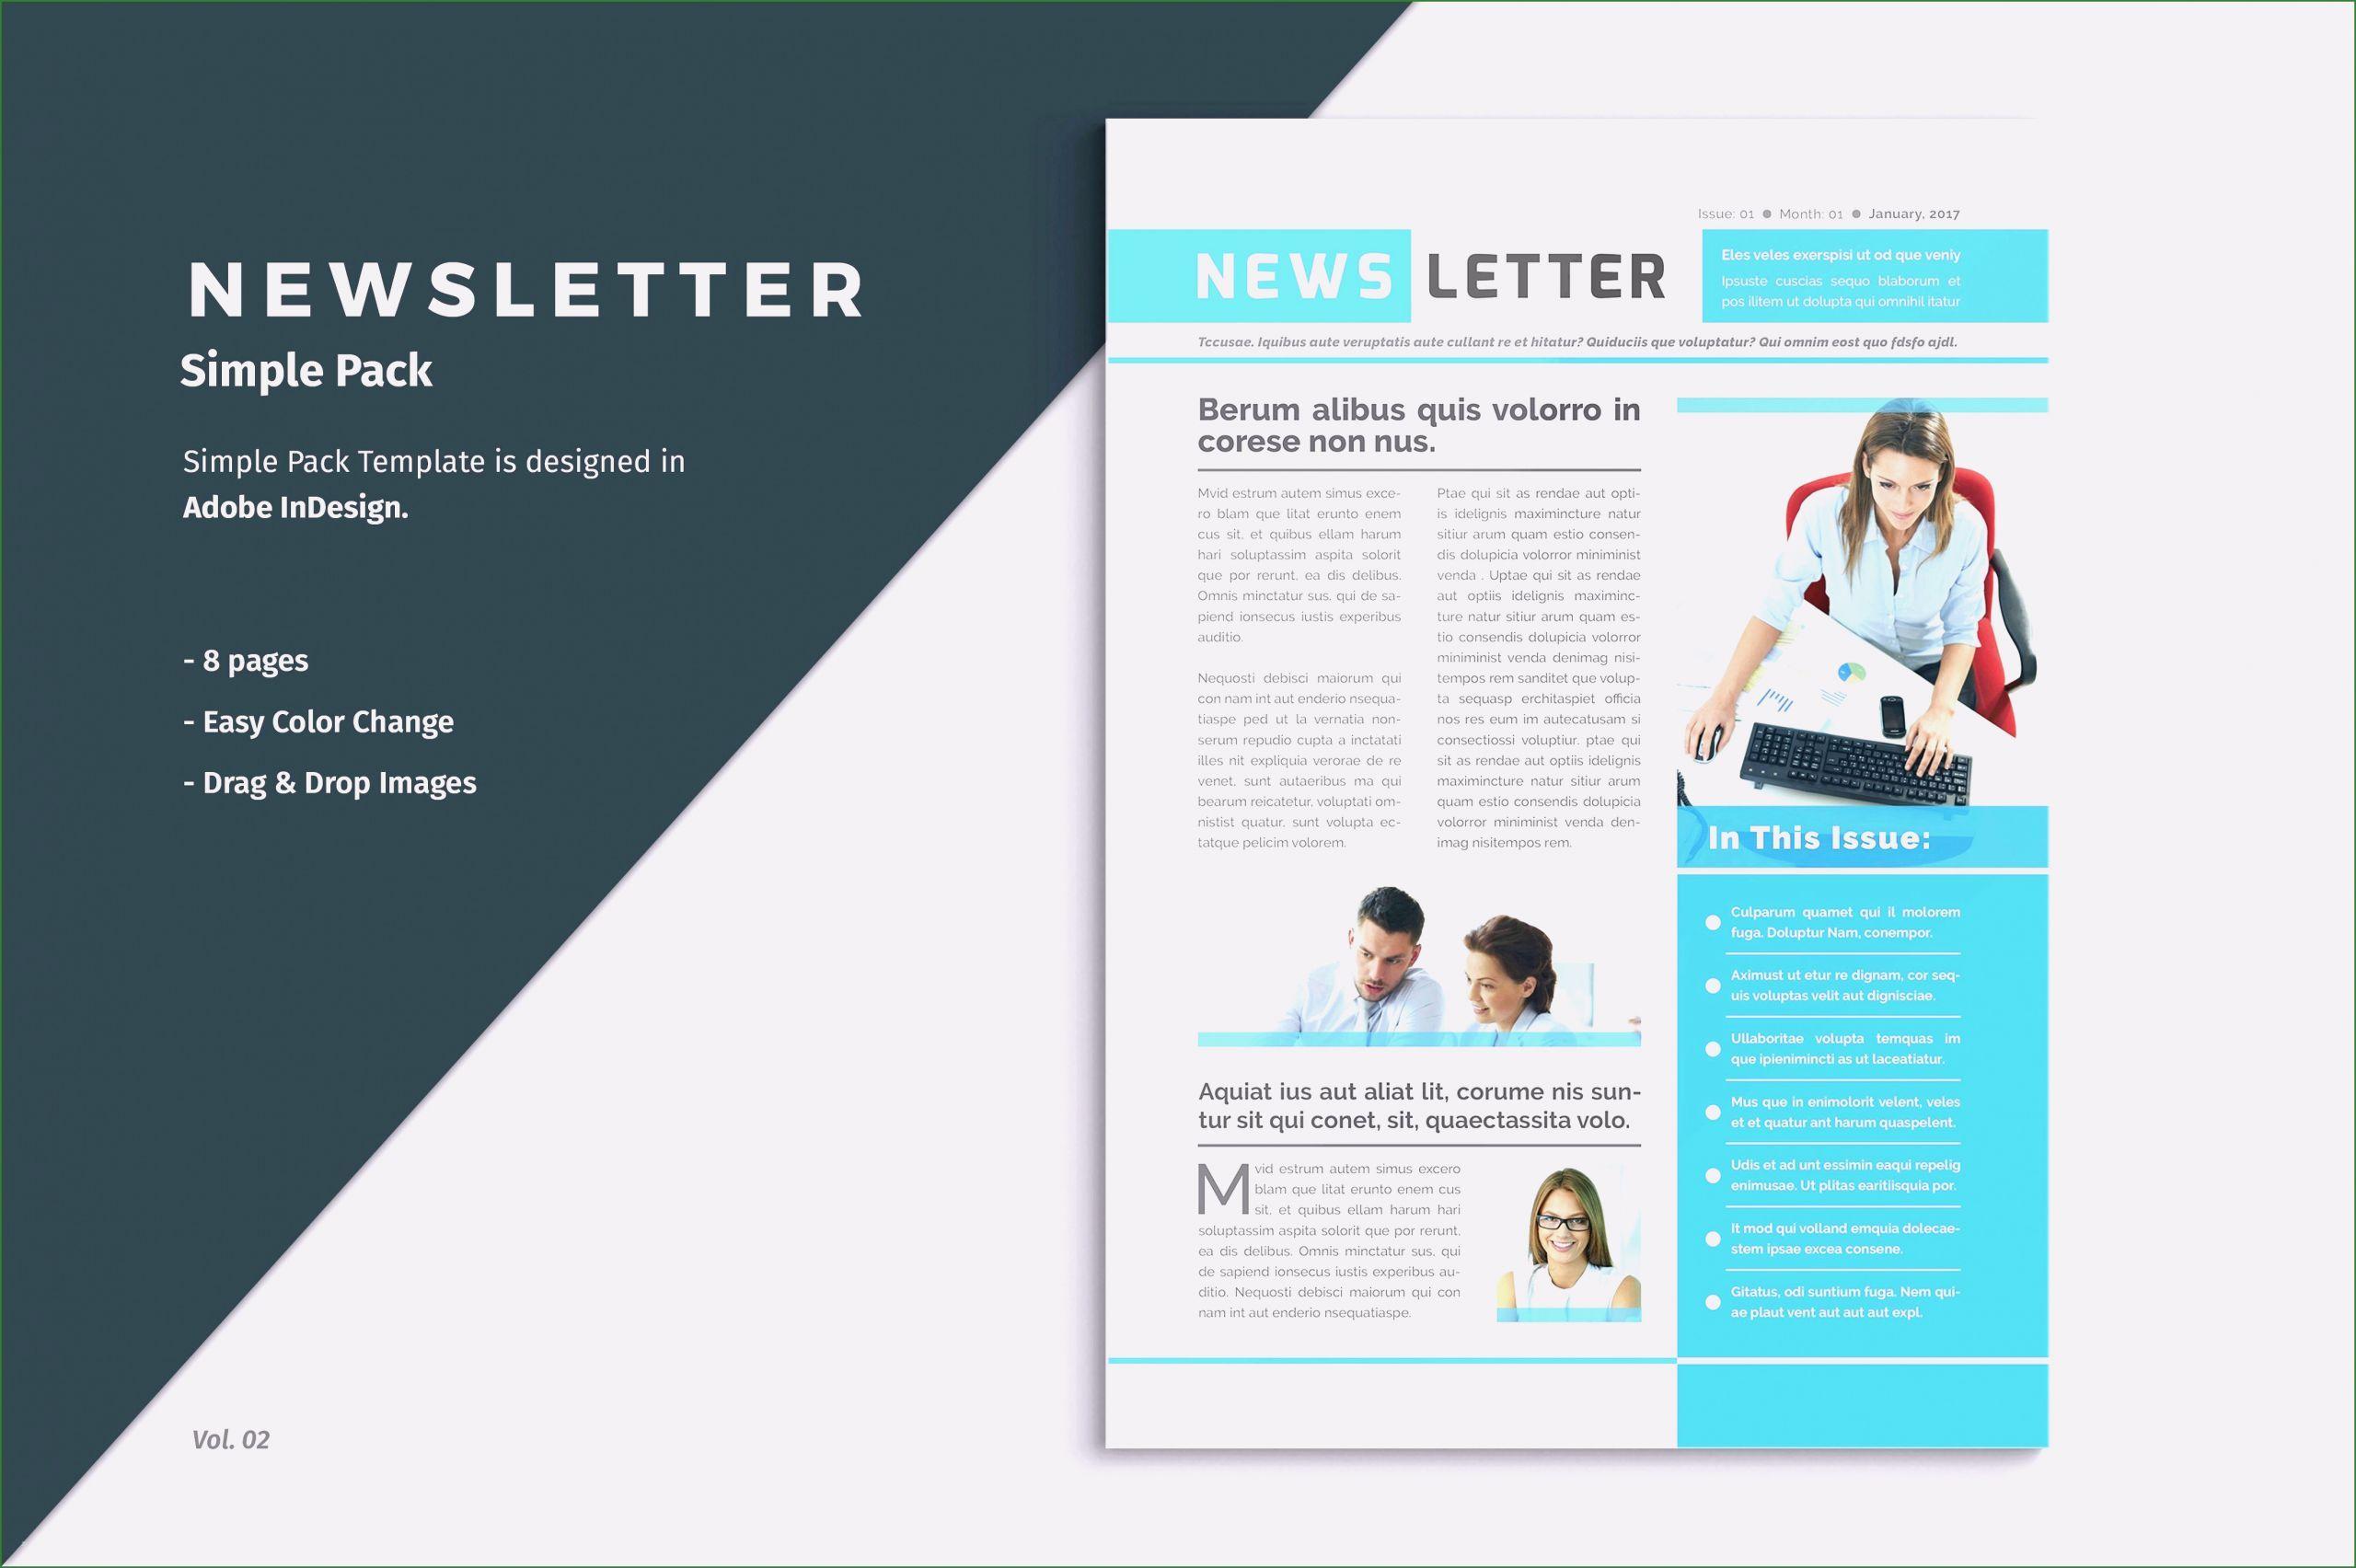 17 Beeindruckend Newsletter Vorlage Word In 2020 Vorlagen Word Vorlagen Lettern